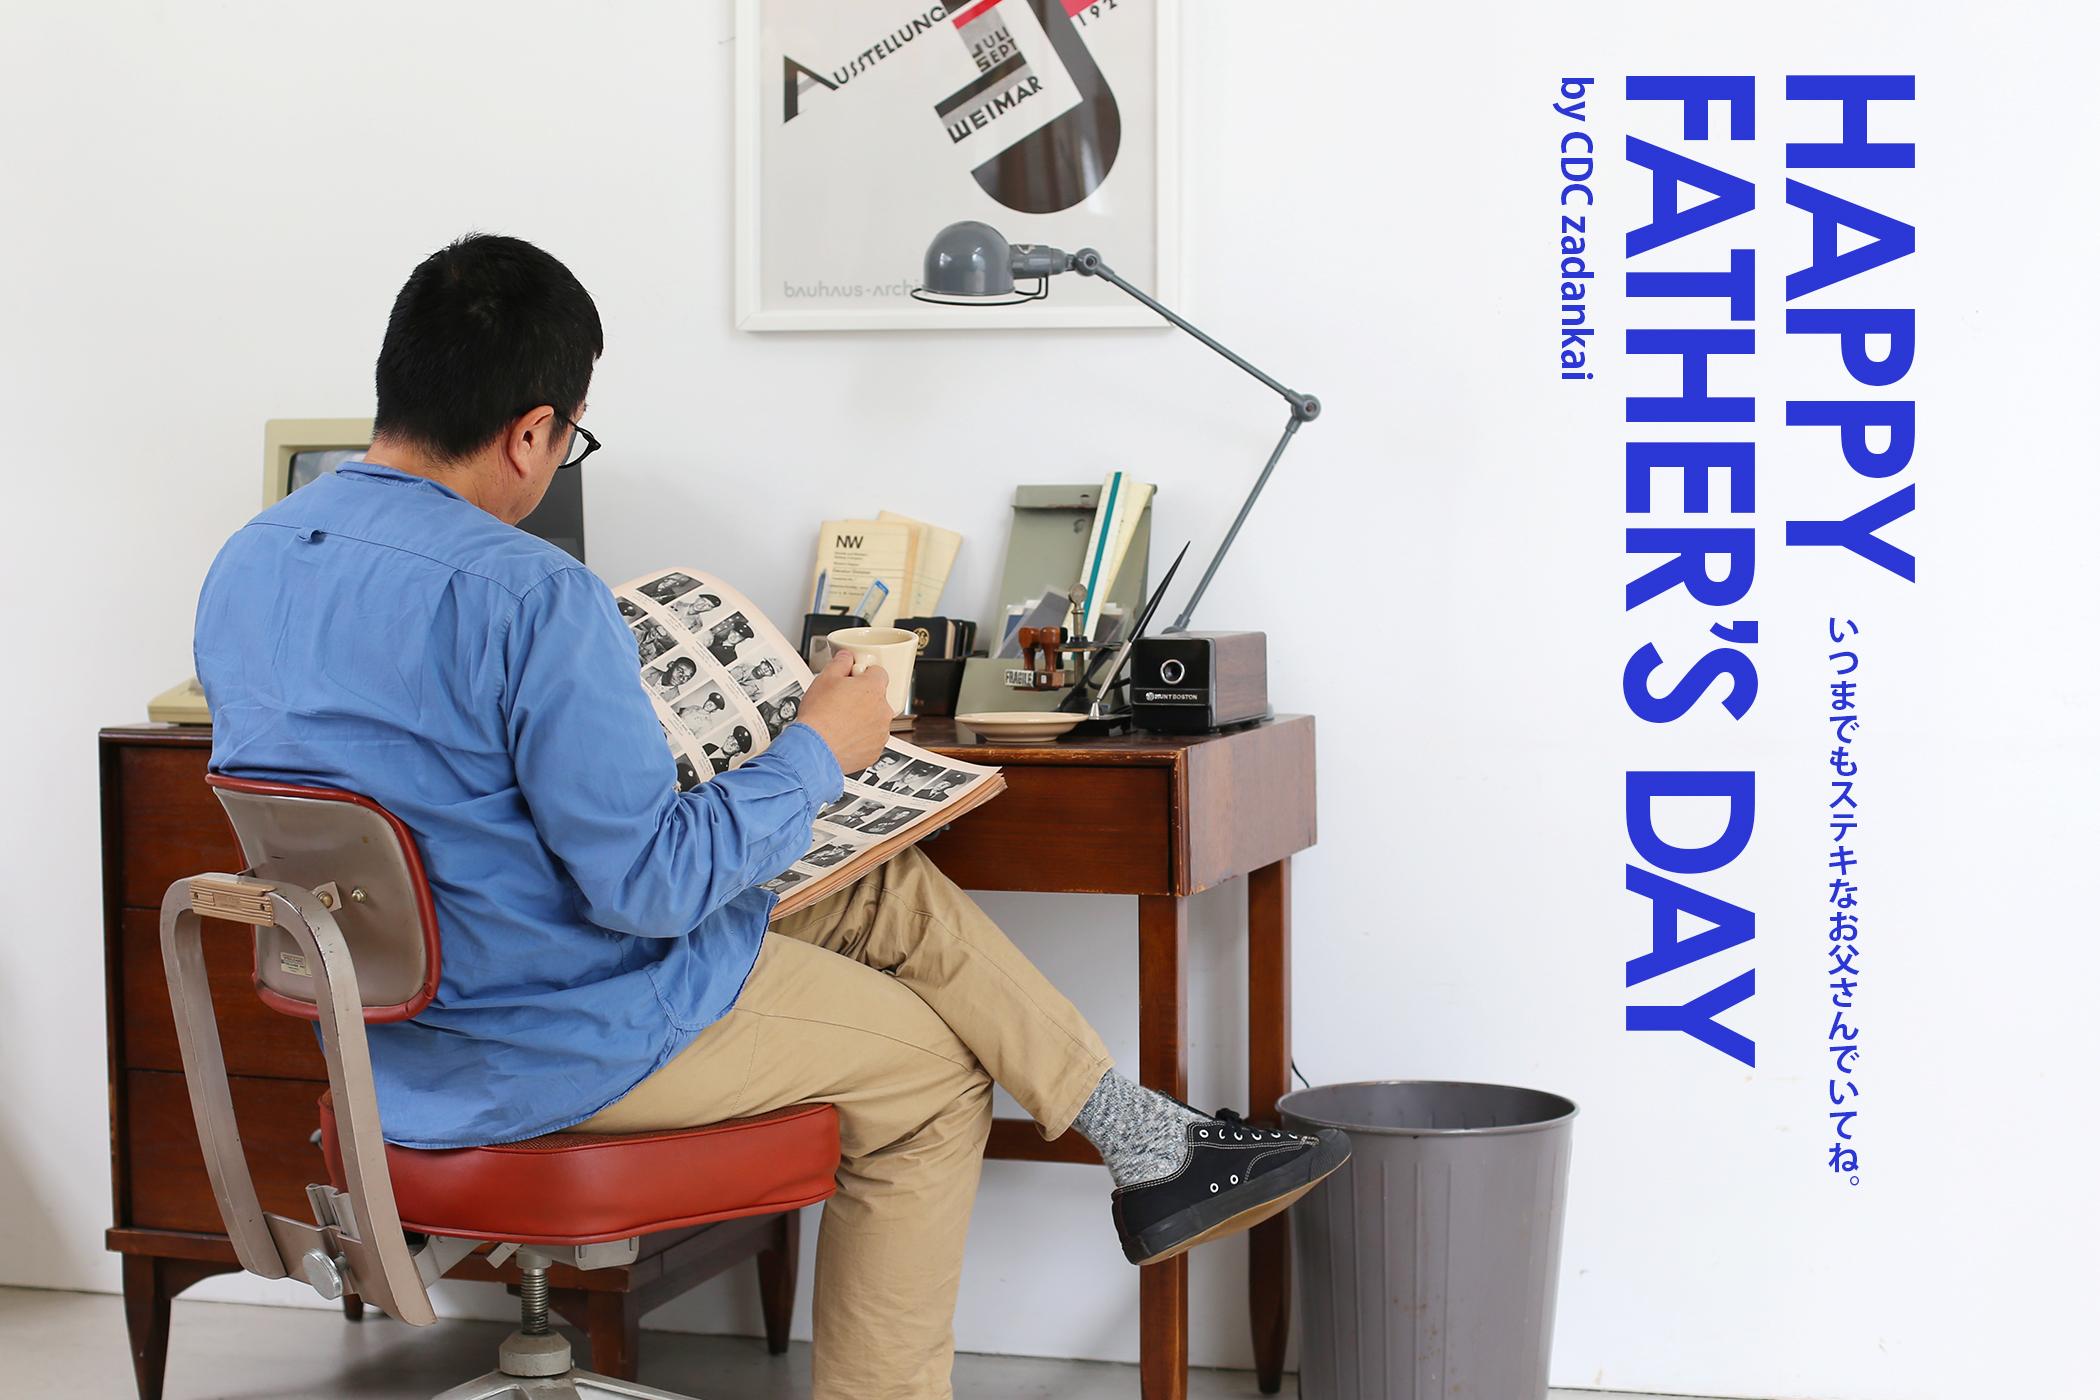 HAPPY FATHER'S DAY ~いつまでもステキなお父さんでいてね。~